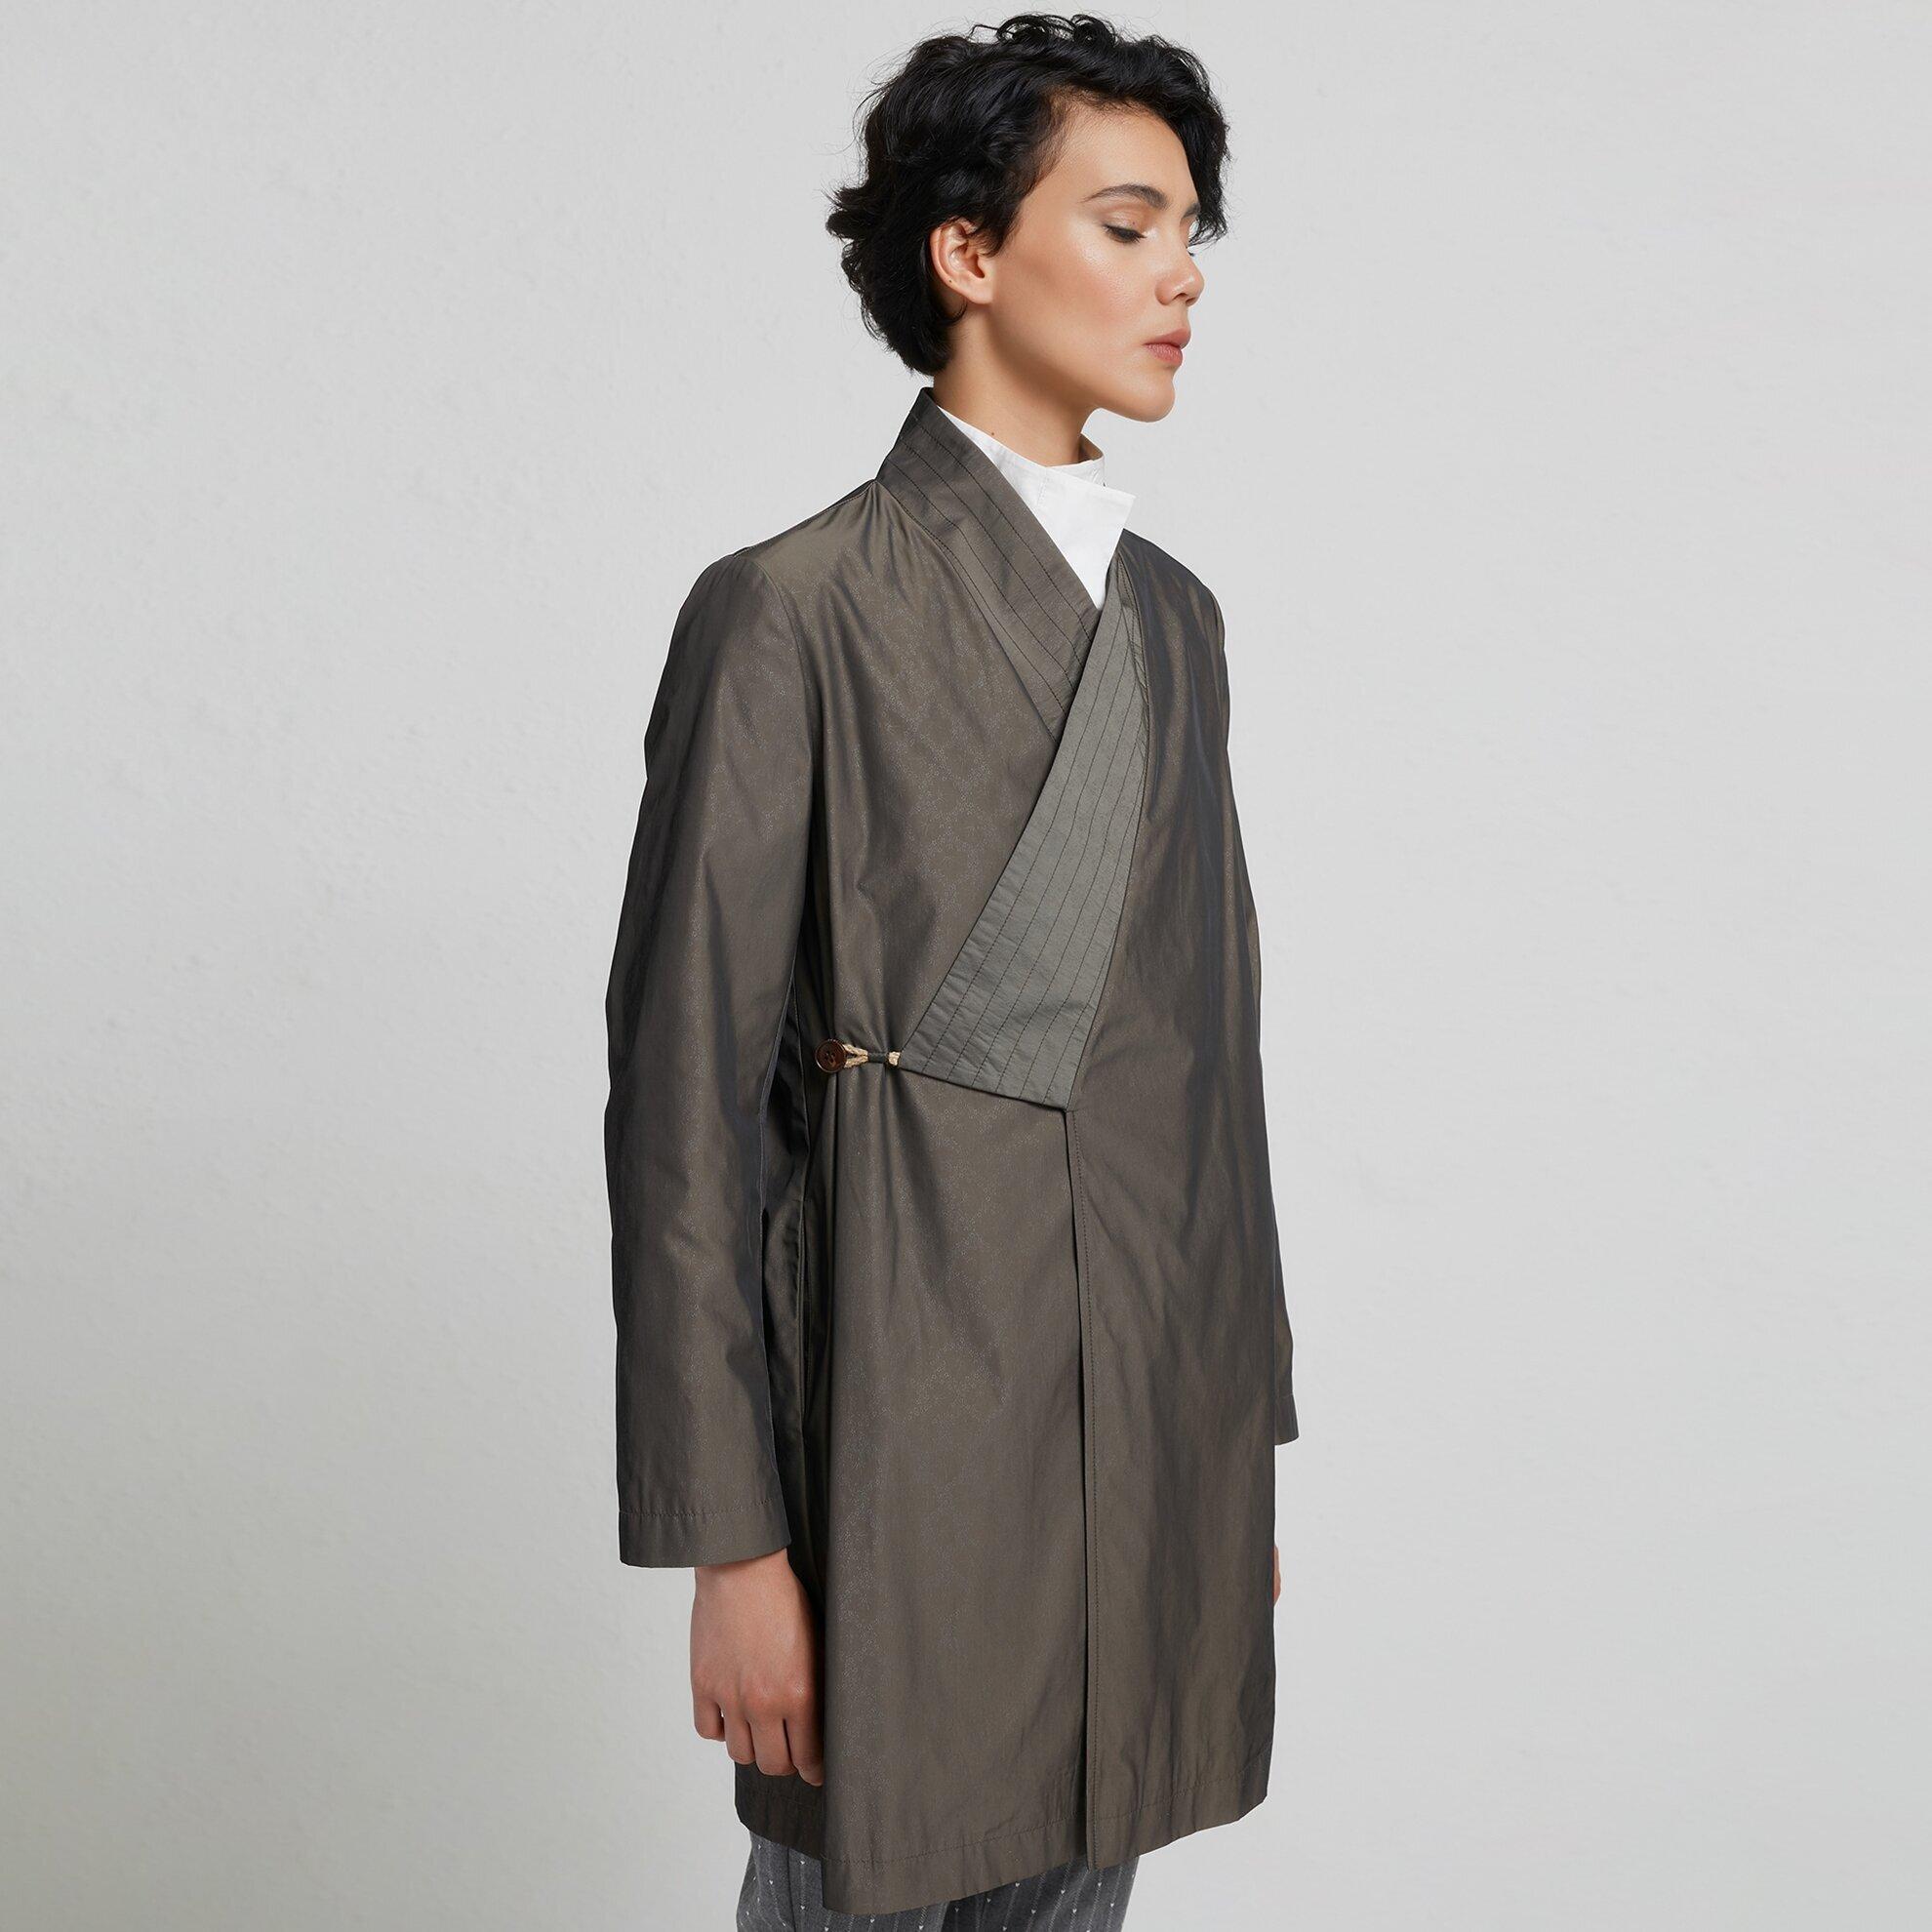 Kimono Pardösü